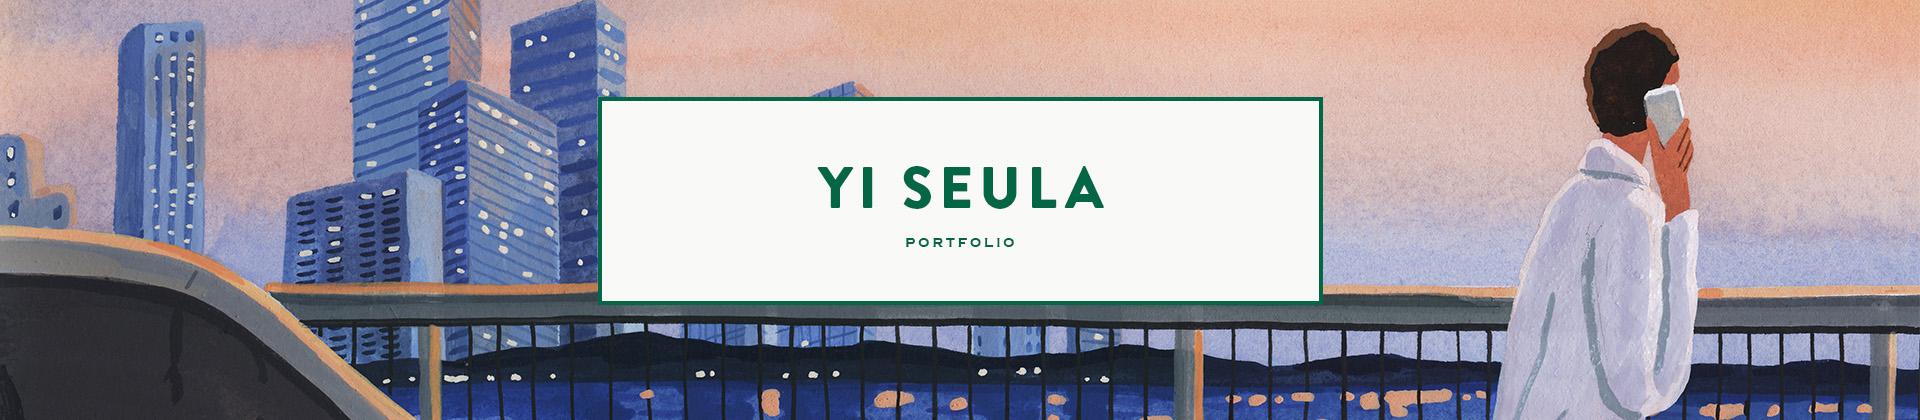 Seula Yi